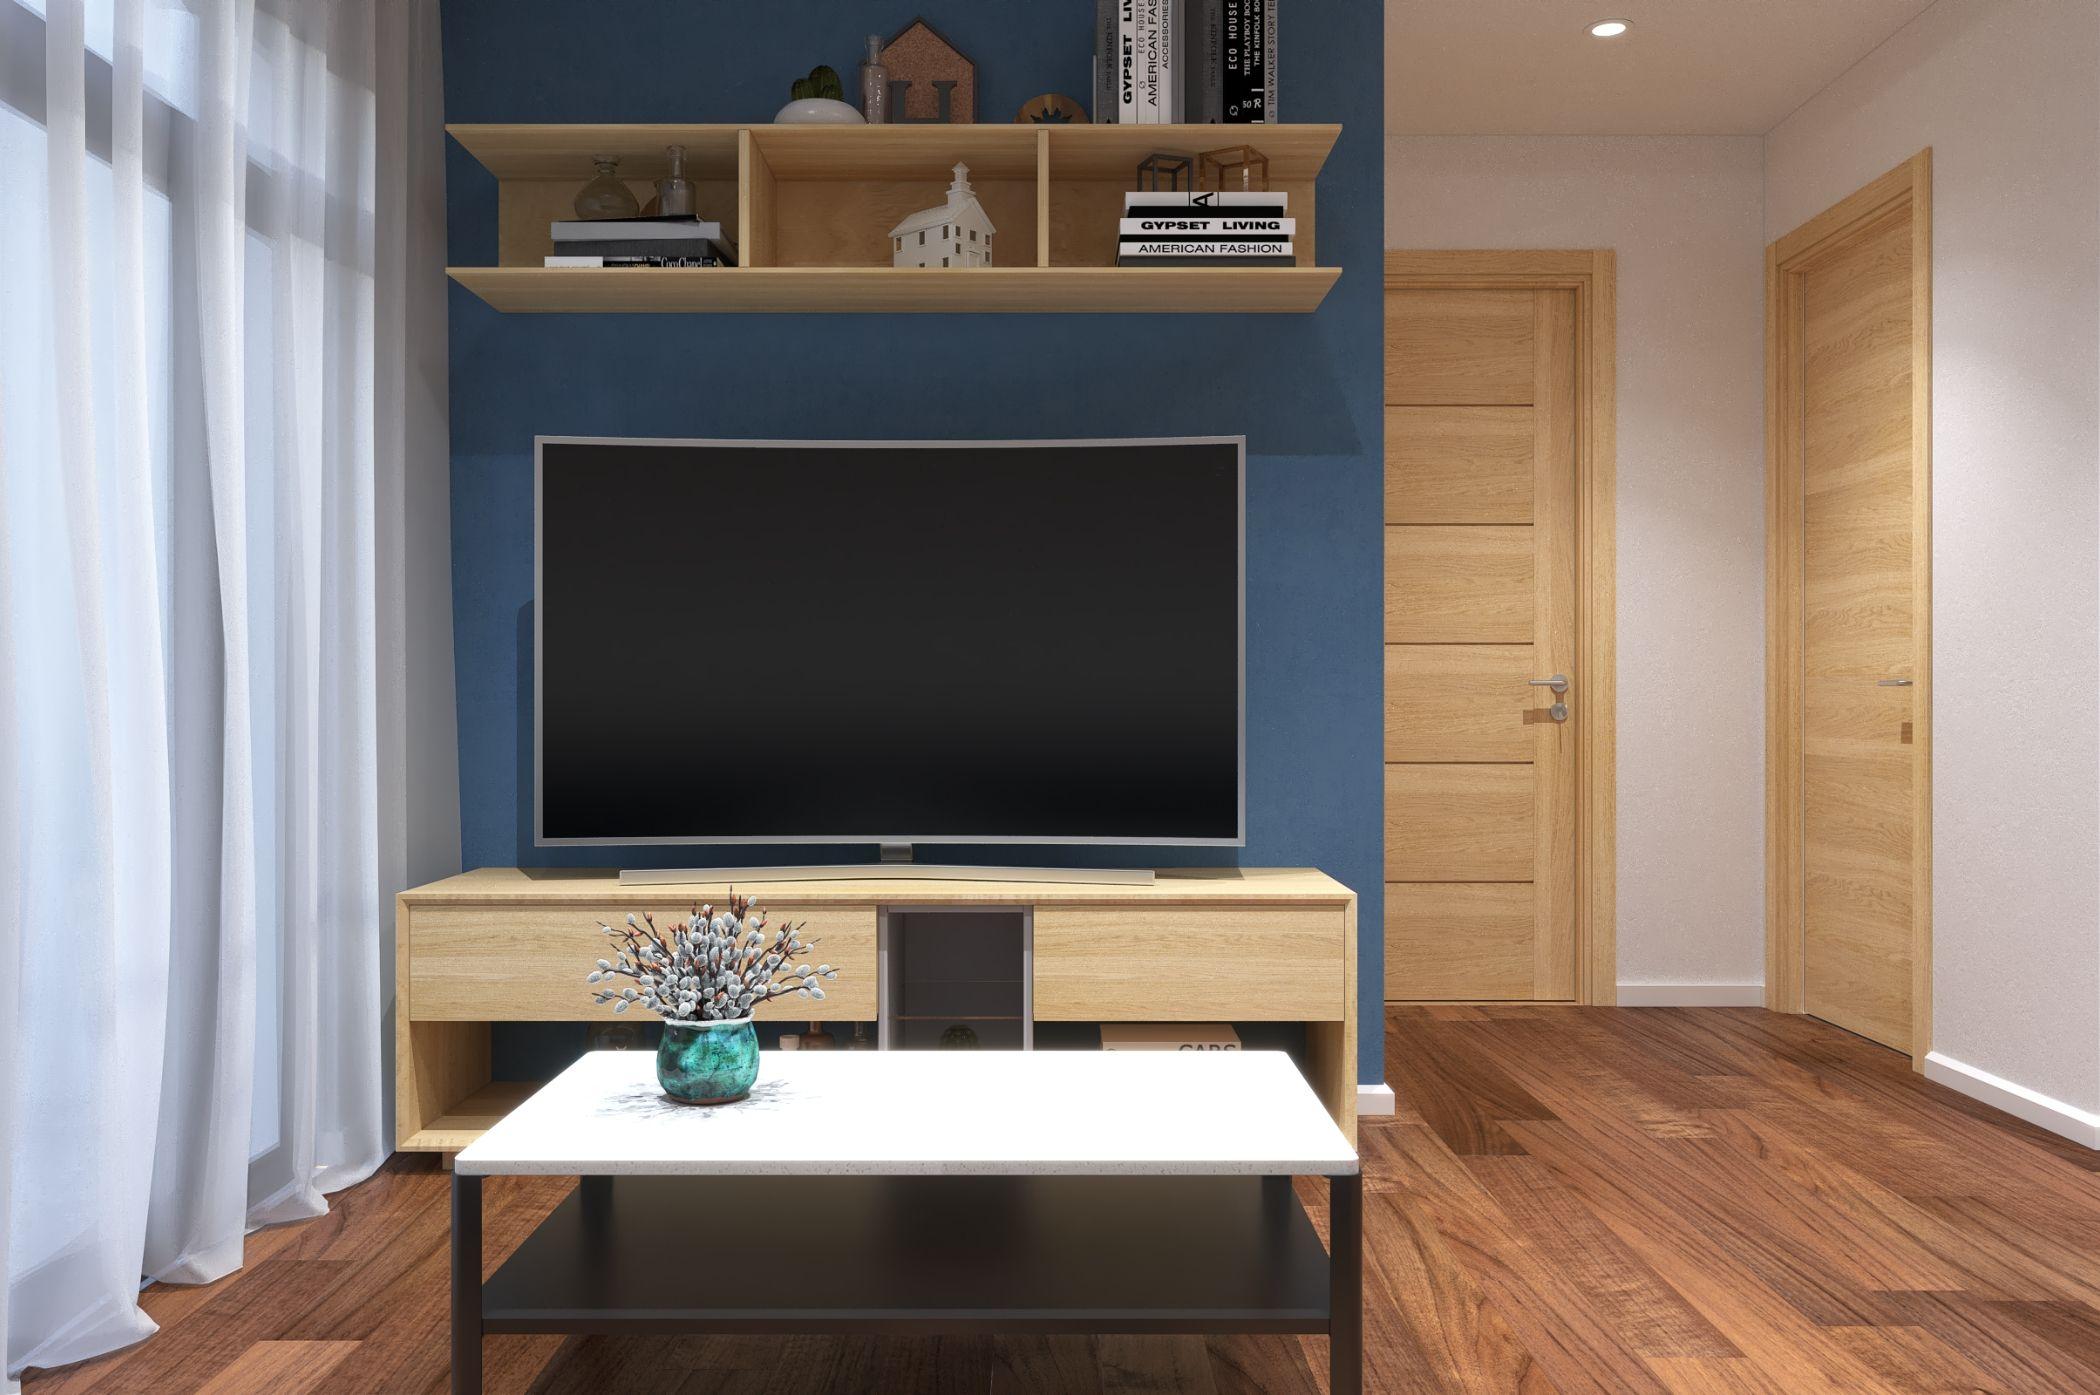 Thiết kế nội thất căn hộ Palm Heights 2 Phòng ngủ theo phong cách hiện đại